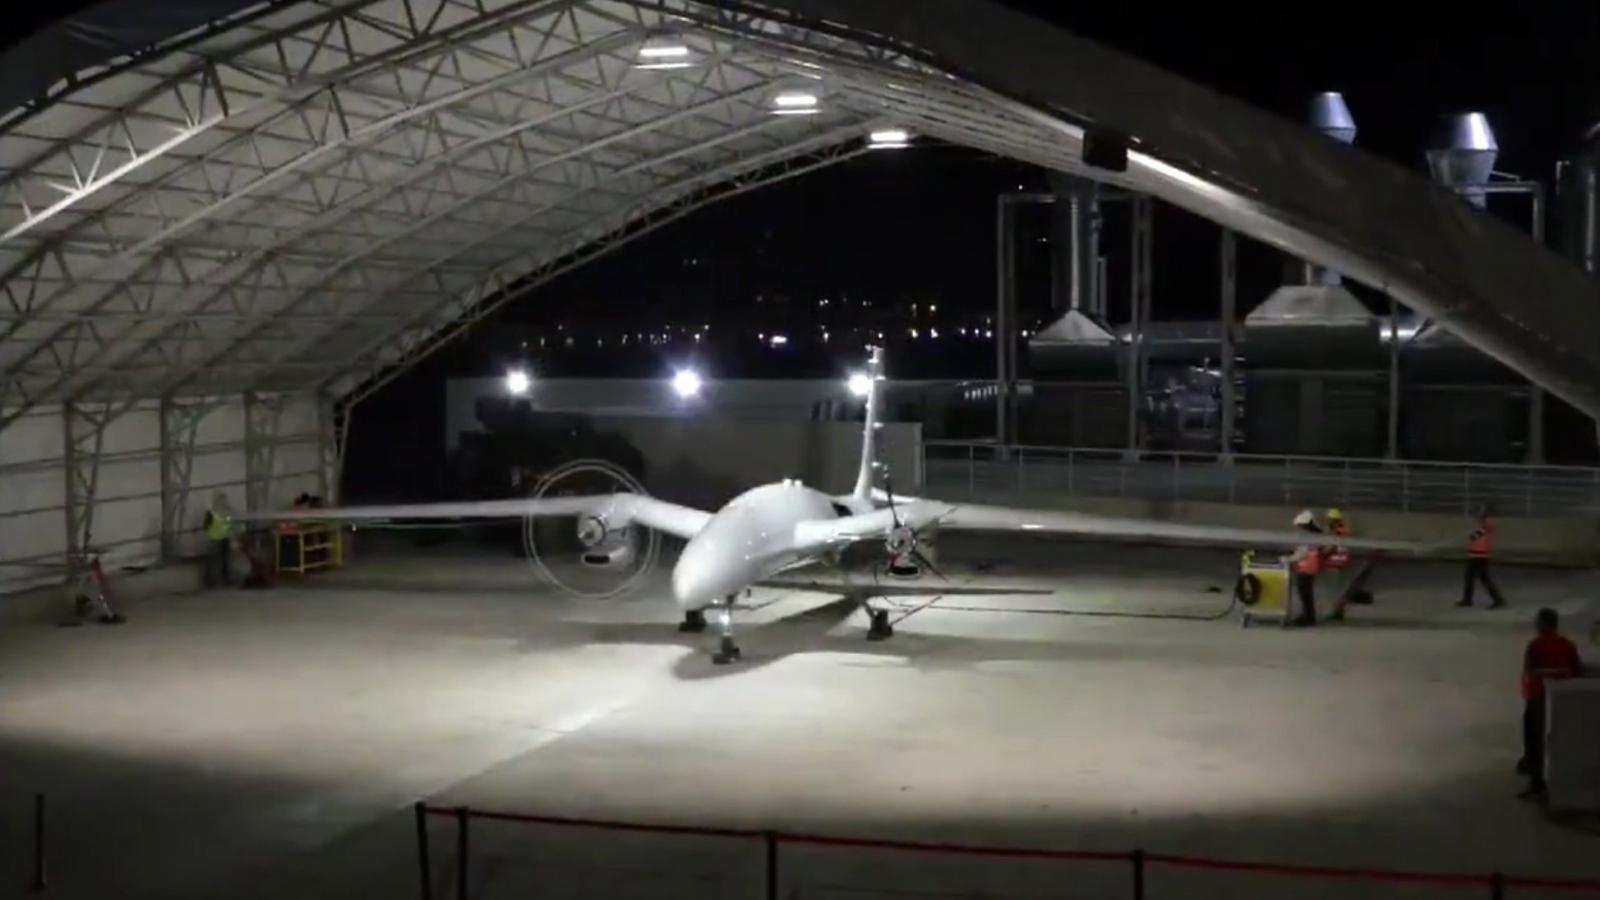 Hai nhà báo Nga bị tạm giữ vì tự ý quay phim cơ sở sản xuất UAV của Thổ Nhĩ Kỳ